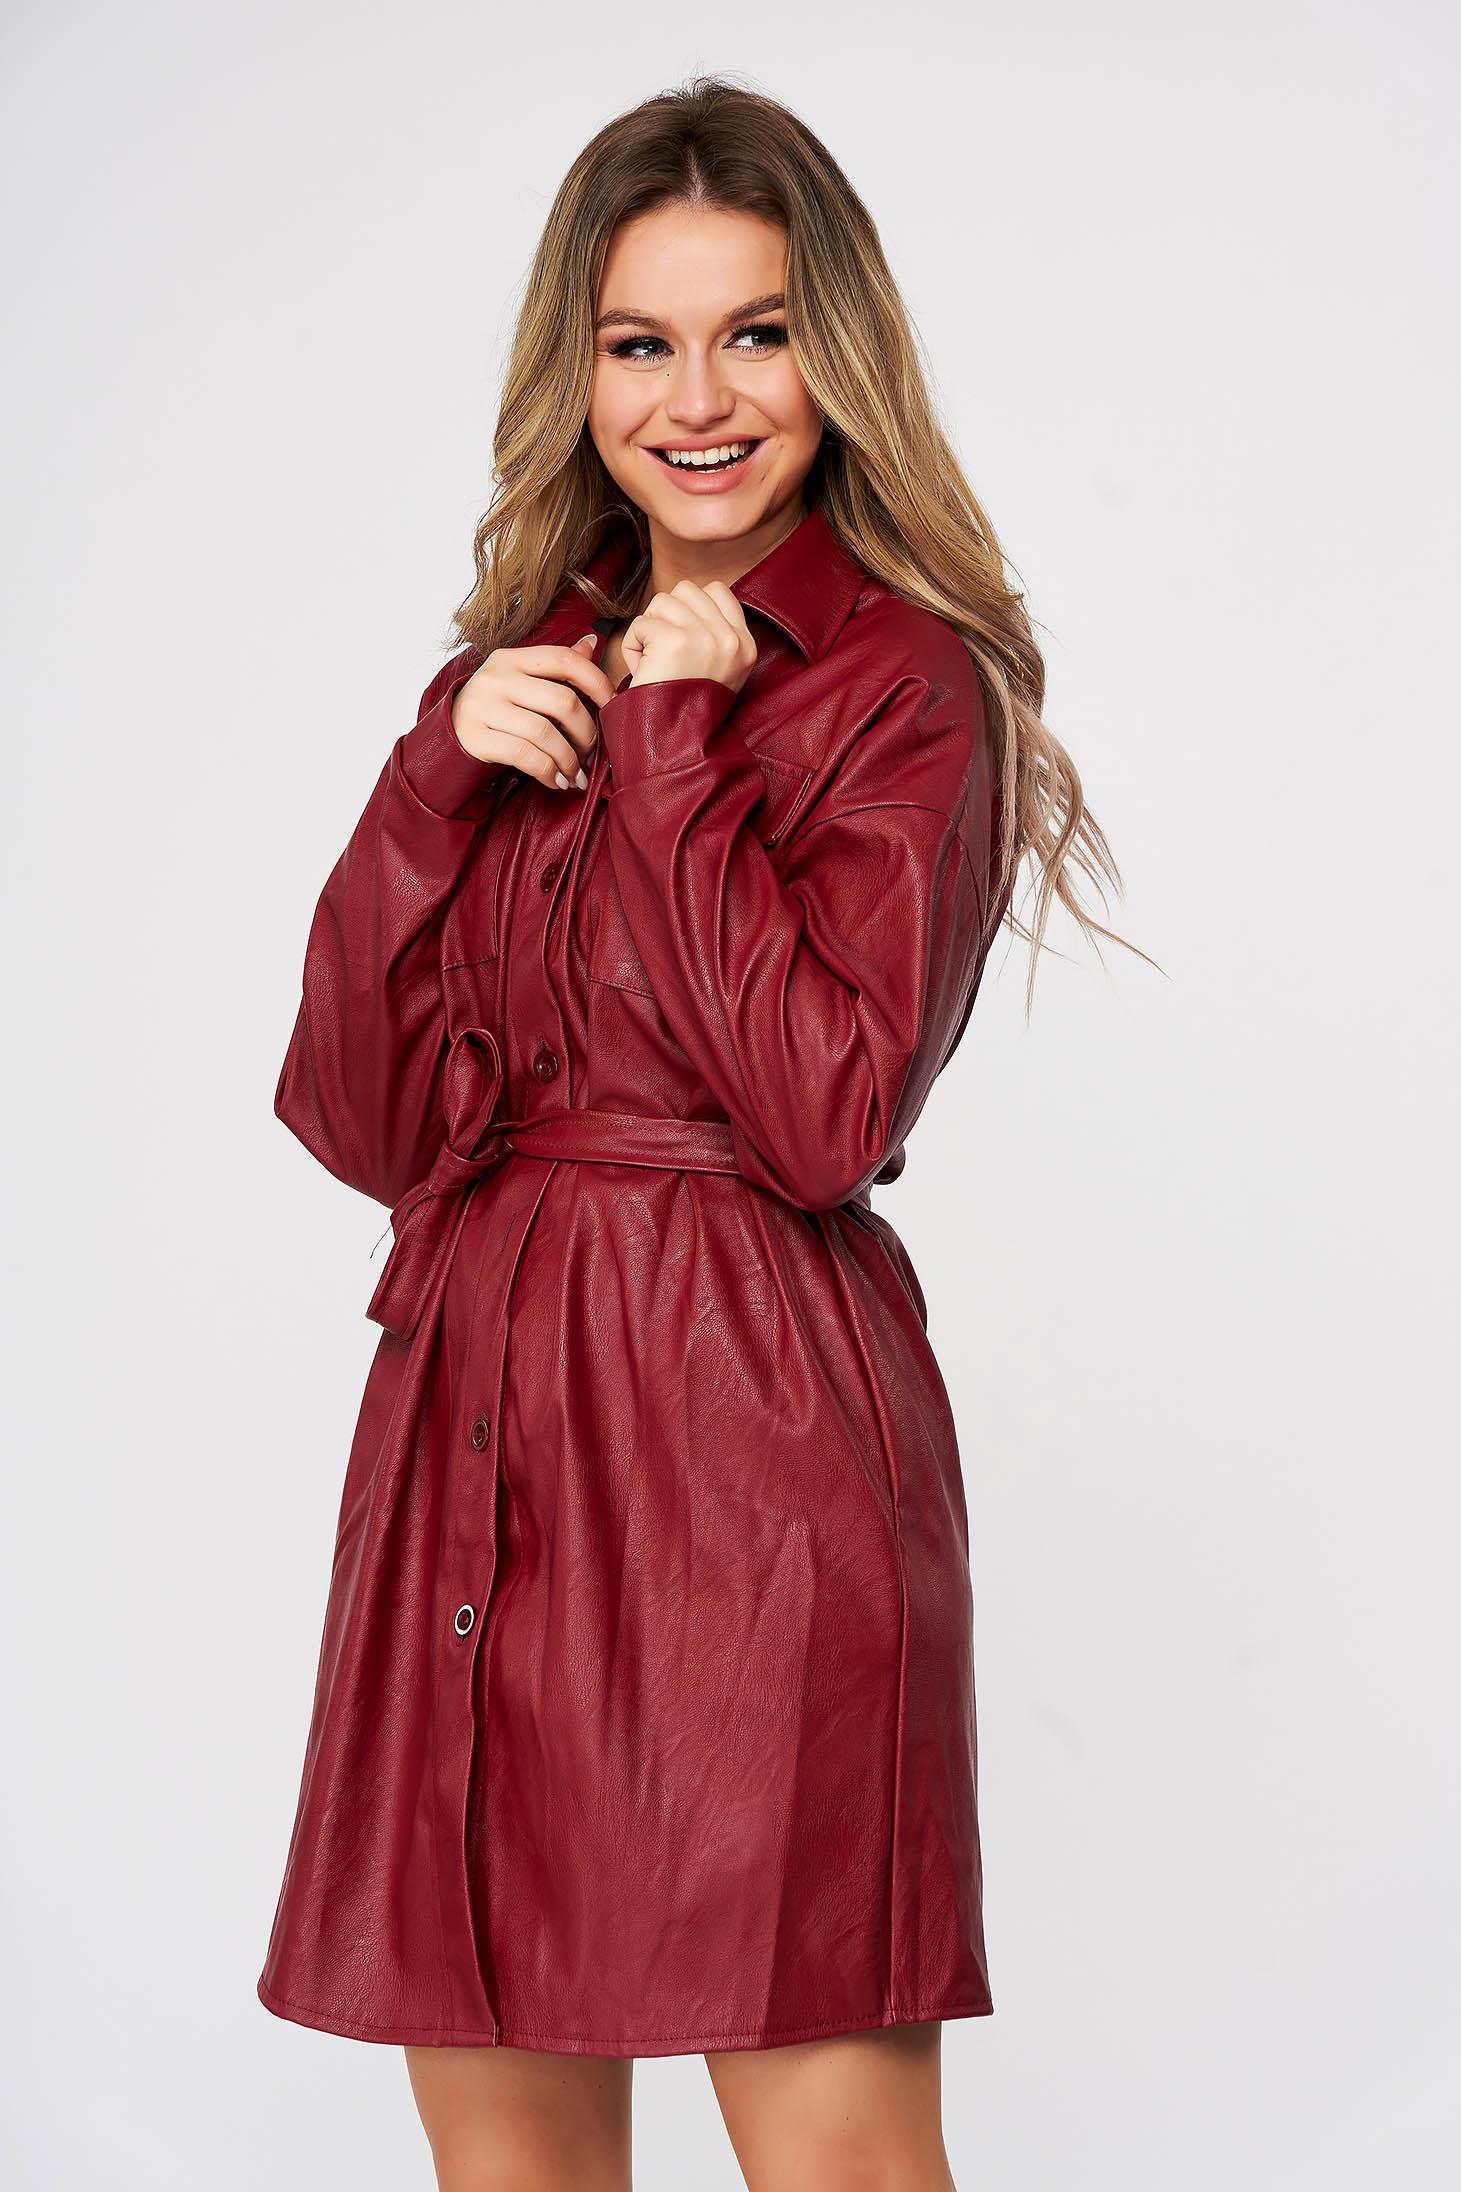 Burgundy rövid egyenes casual ingruha műbőrből